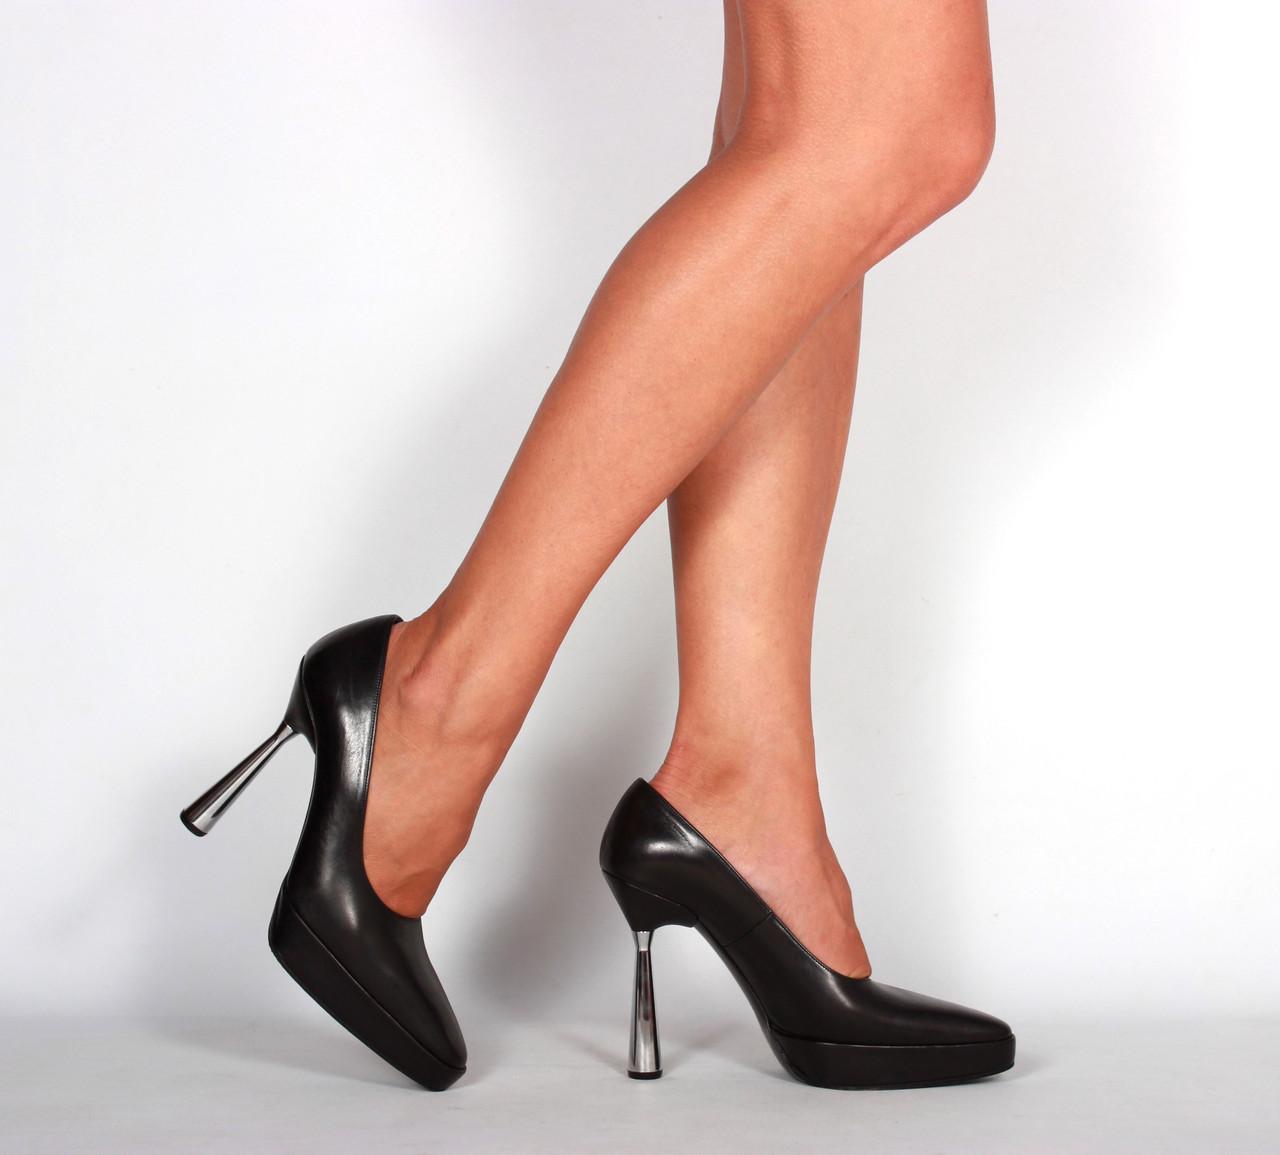 Купить туфли Lagerfeld в комиссионном магазине Киев Refresh Store ... ddc1a161229